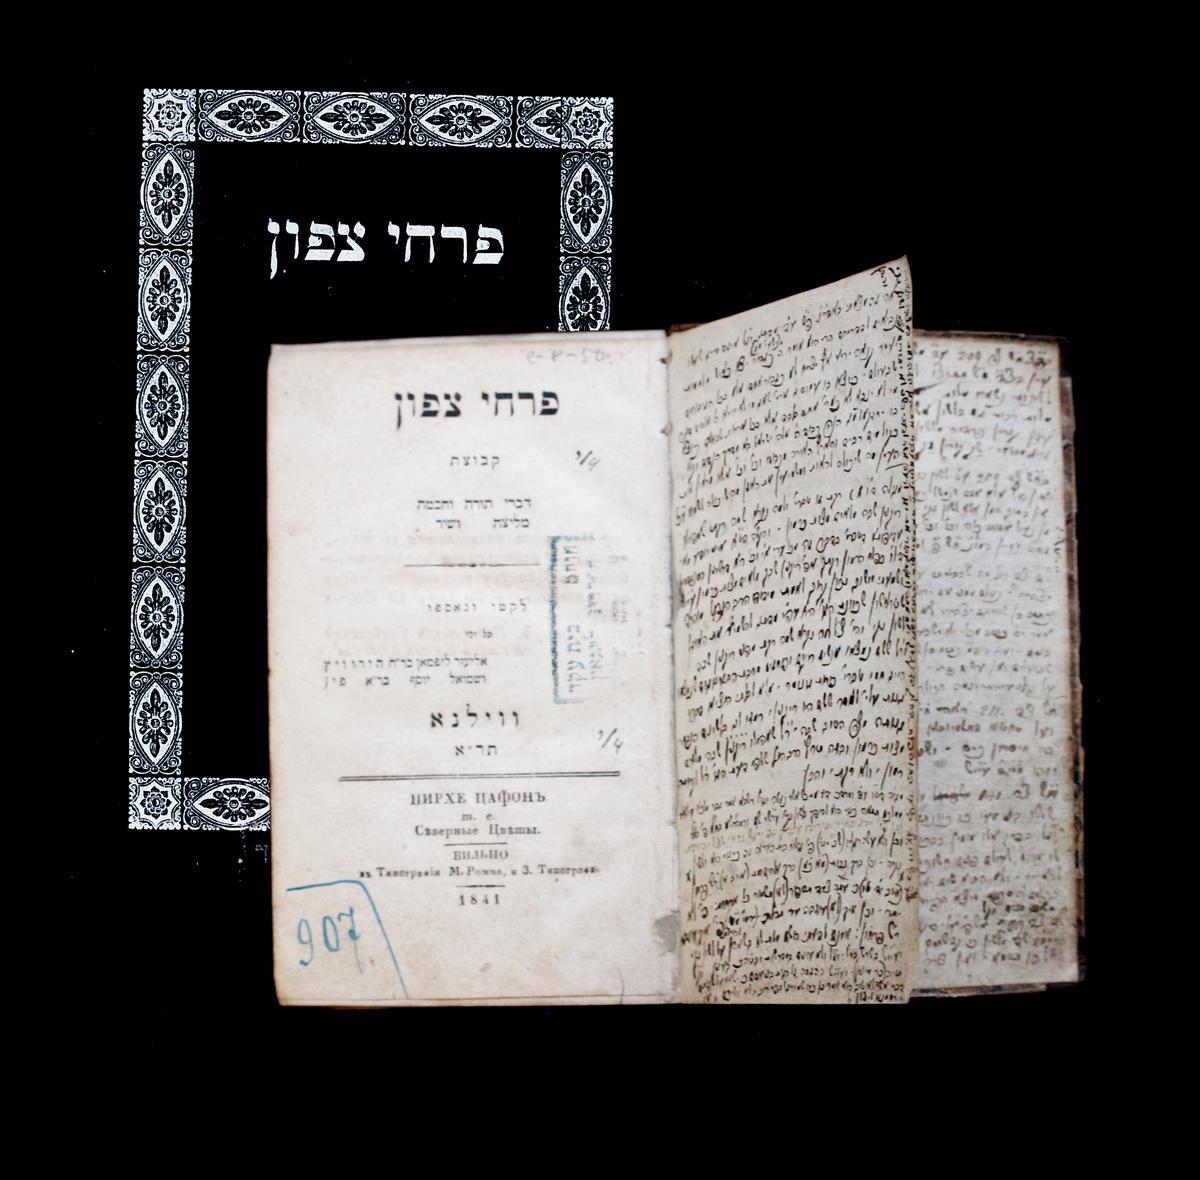 """M. Strašunas daug rašė Vilniaus žydų švietėjų periodiniams leidiniams, pavyzdžiui, Samuelio Juozapo Fino (1818-1890) ir Eliezerio Lipmano Hurvičiaus (1815-1852) leistam žurnalui """"Pirkhe tsafon"""" (hebr. Šiaurės gėlės). Pirmas žurnalo numeris su gausiomis rankraštinėmis M. Strašuno pastabomis. Vilnius, Romų leidykla, 1841."""